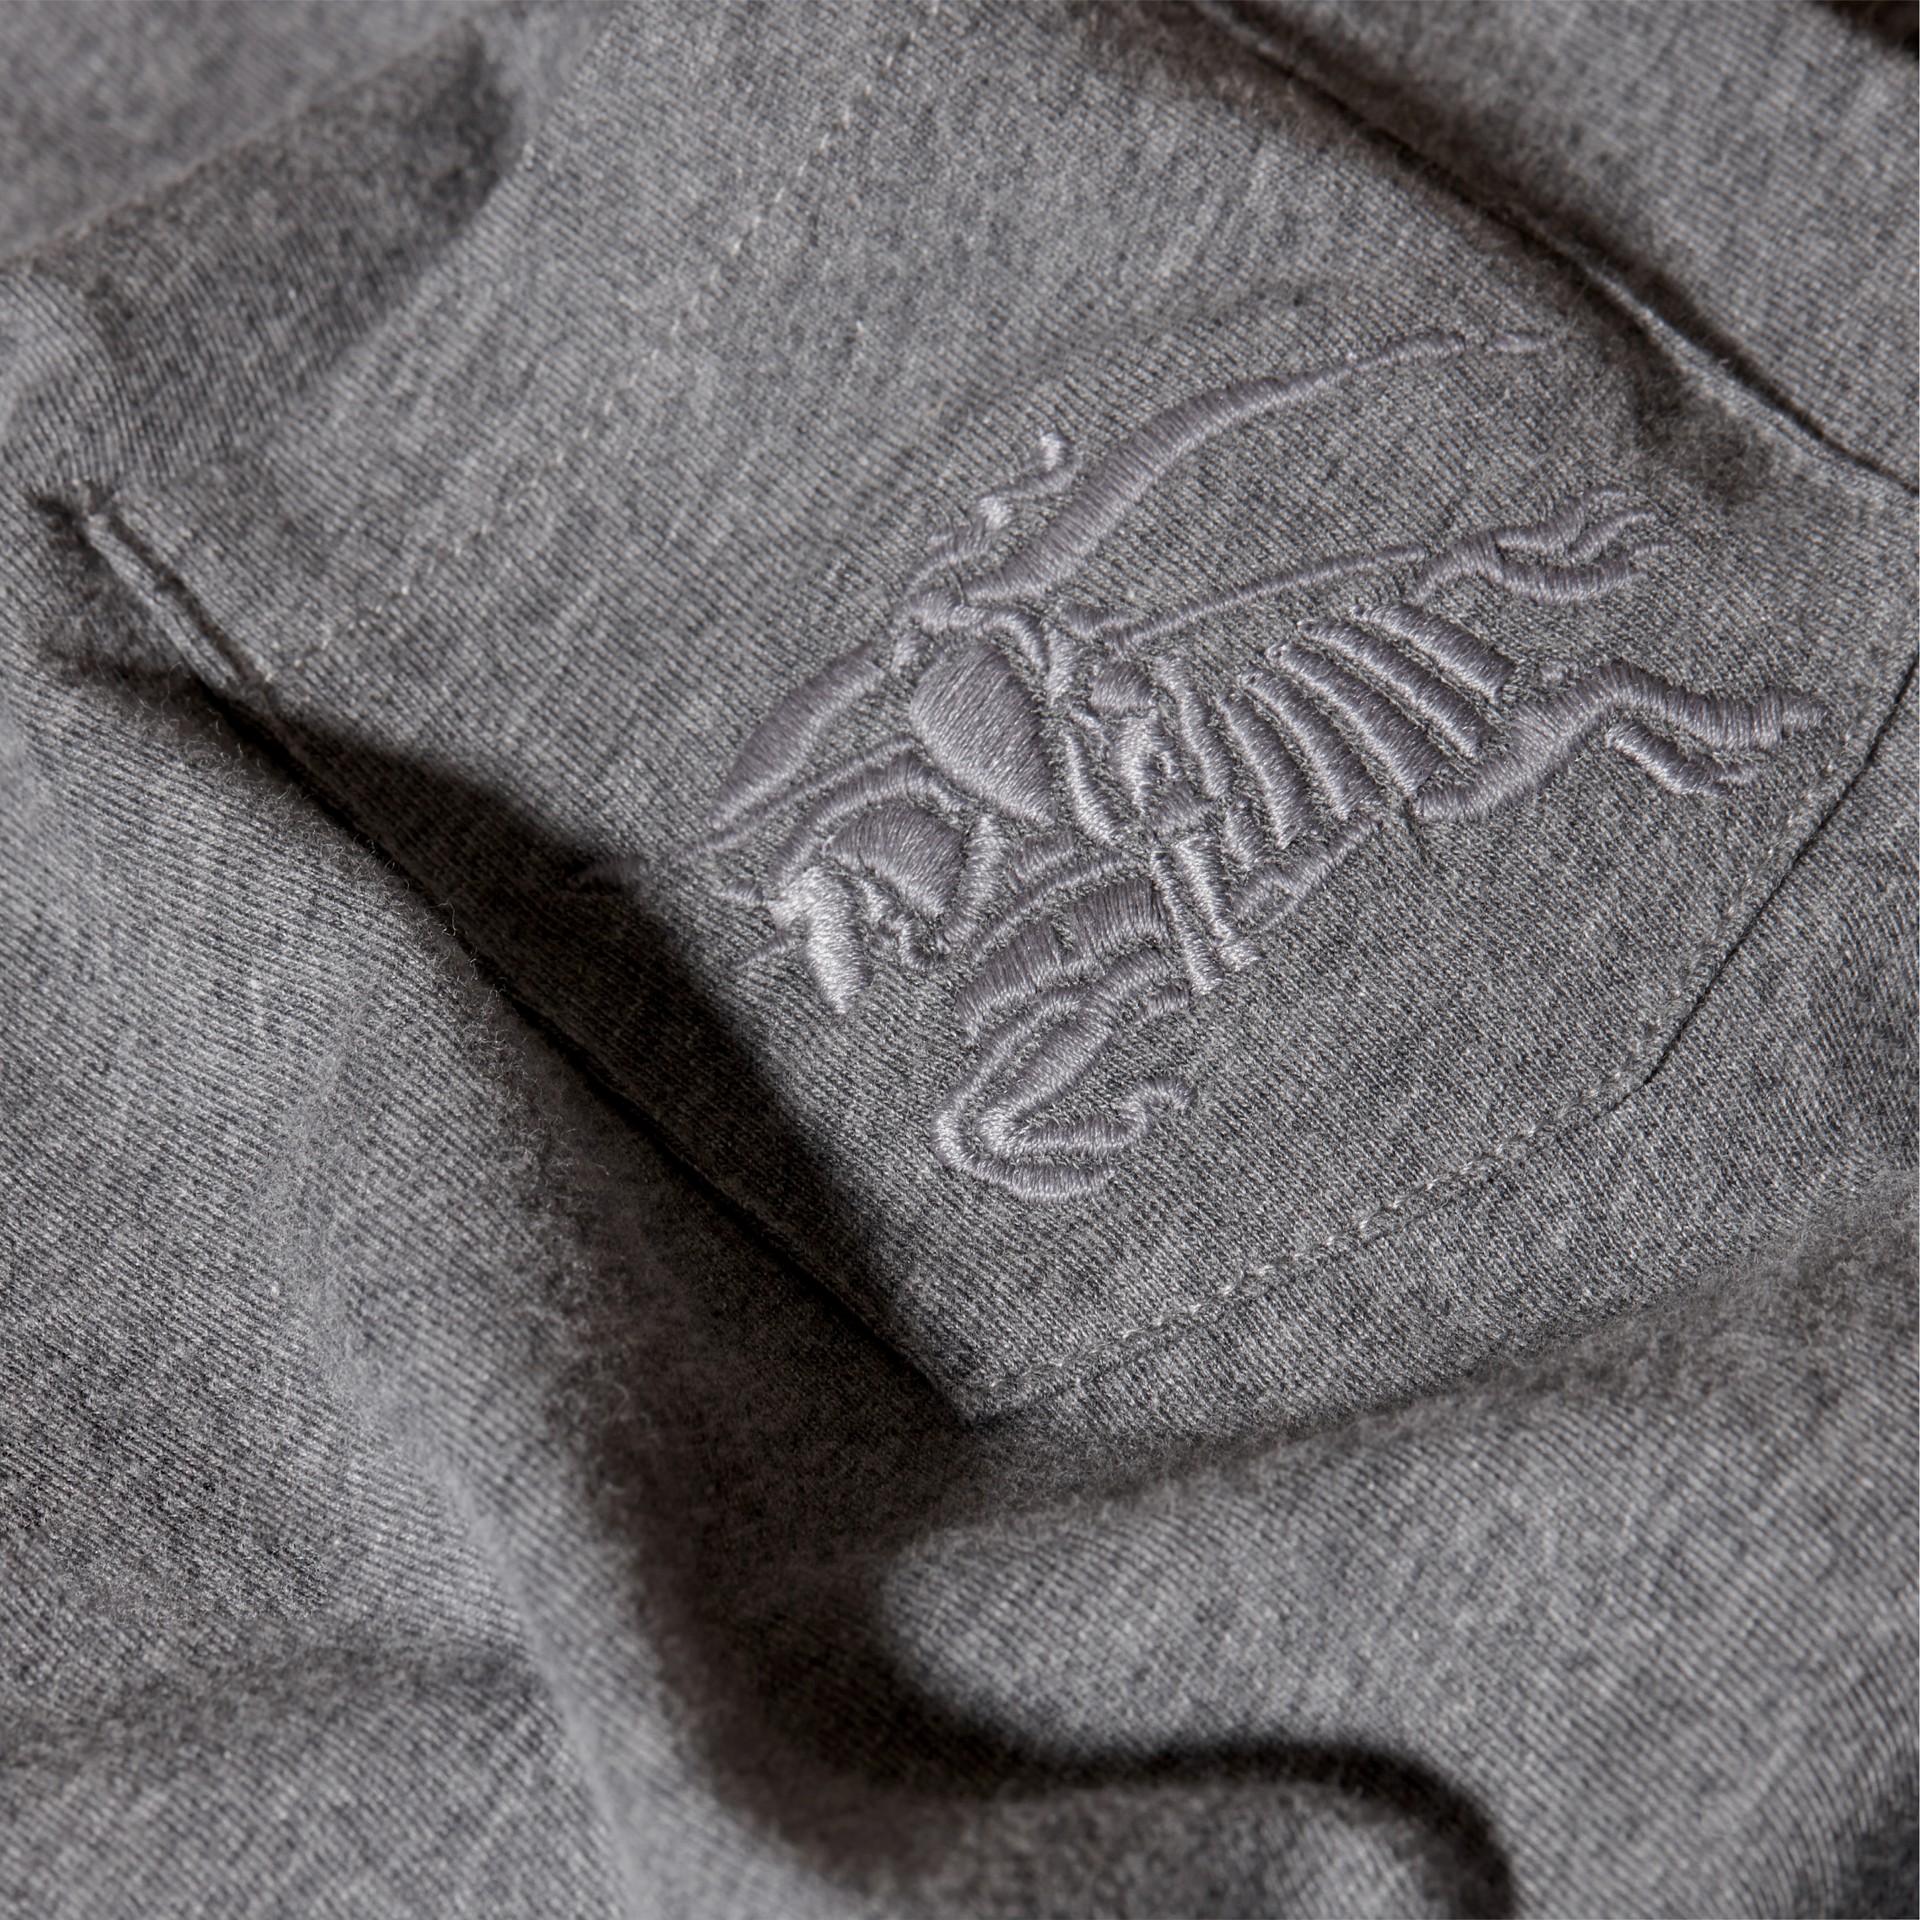 Nero fumo mélange T-shirt girocollo in cotone Nero Fumo Mélange - immagine della galleria 2